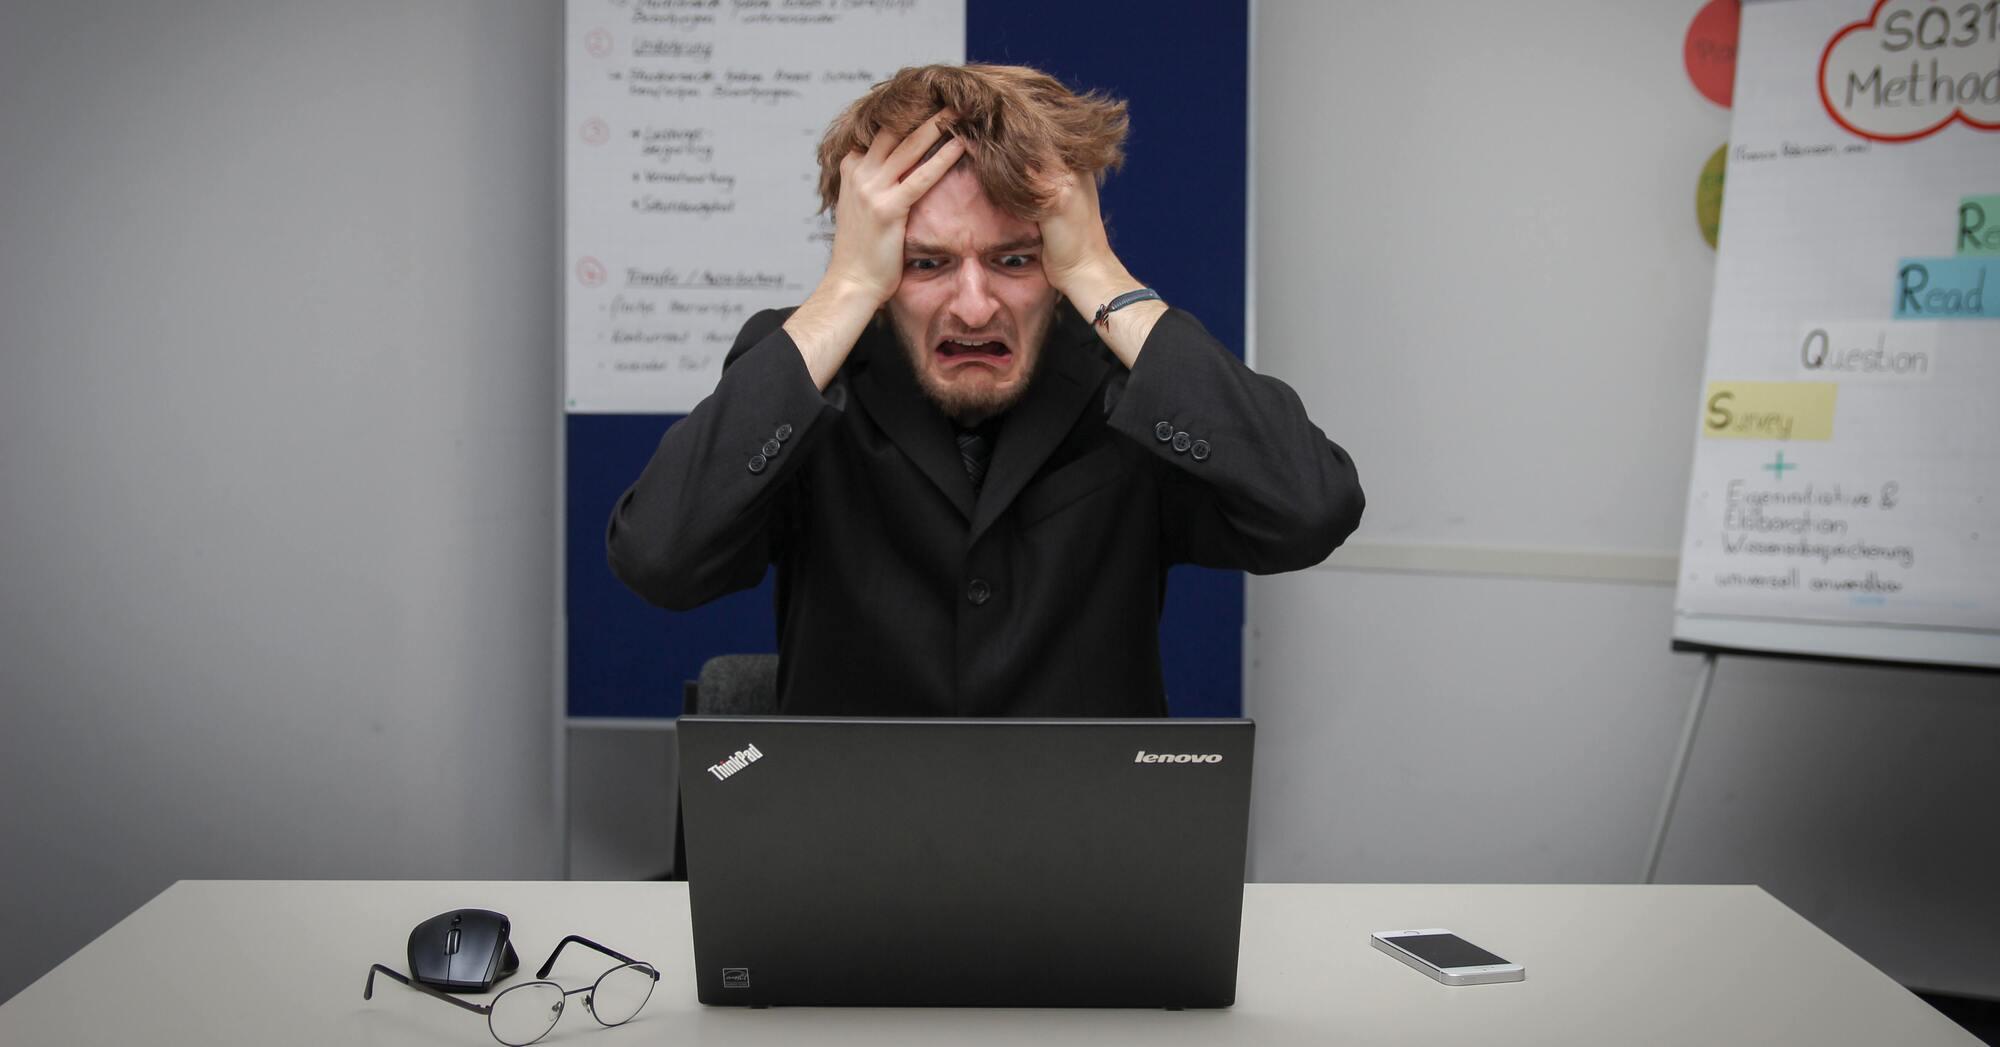 転職エージェントに見捨てられる理由 見捨てられた時の対処法を解説